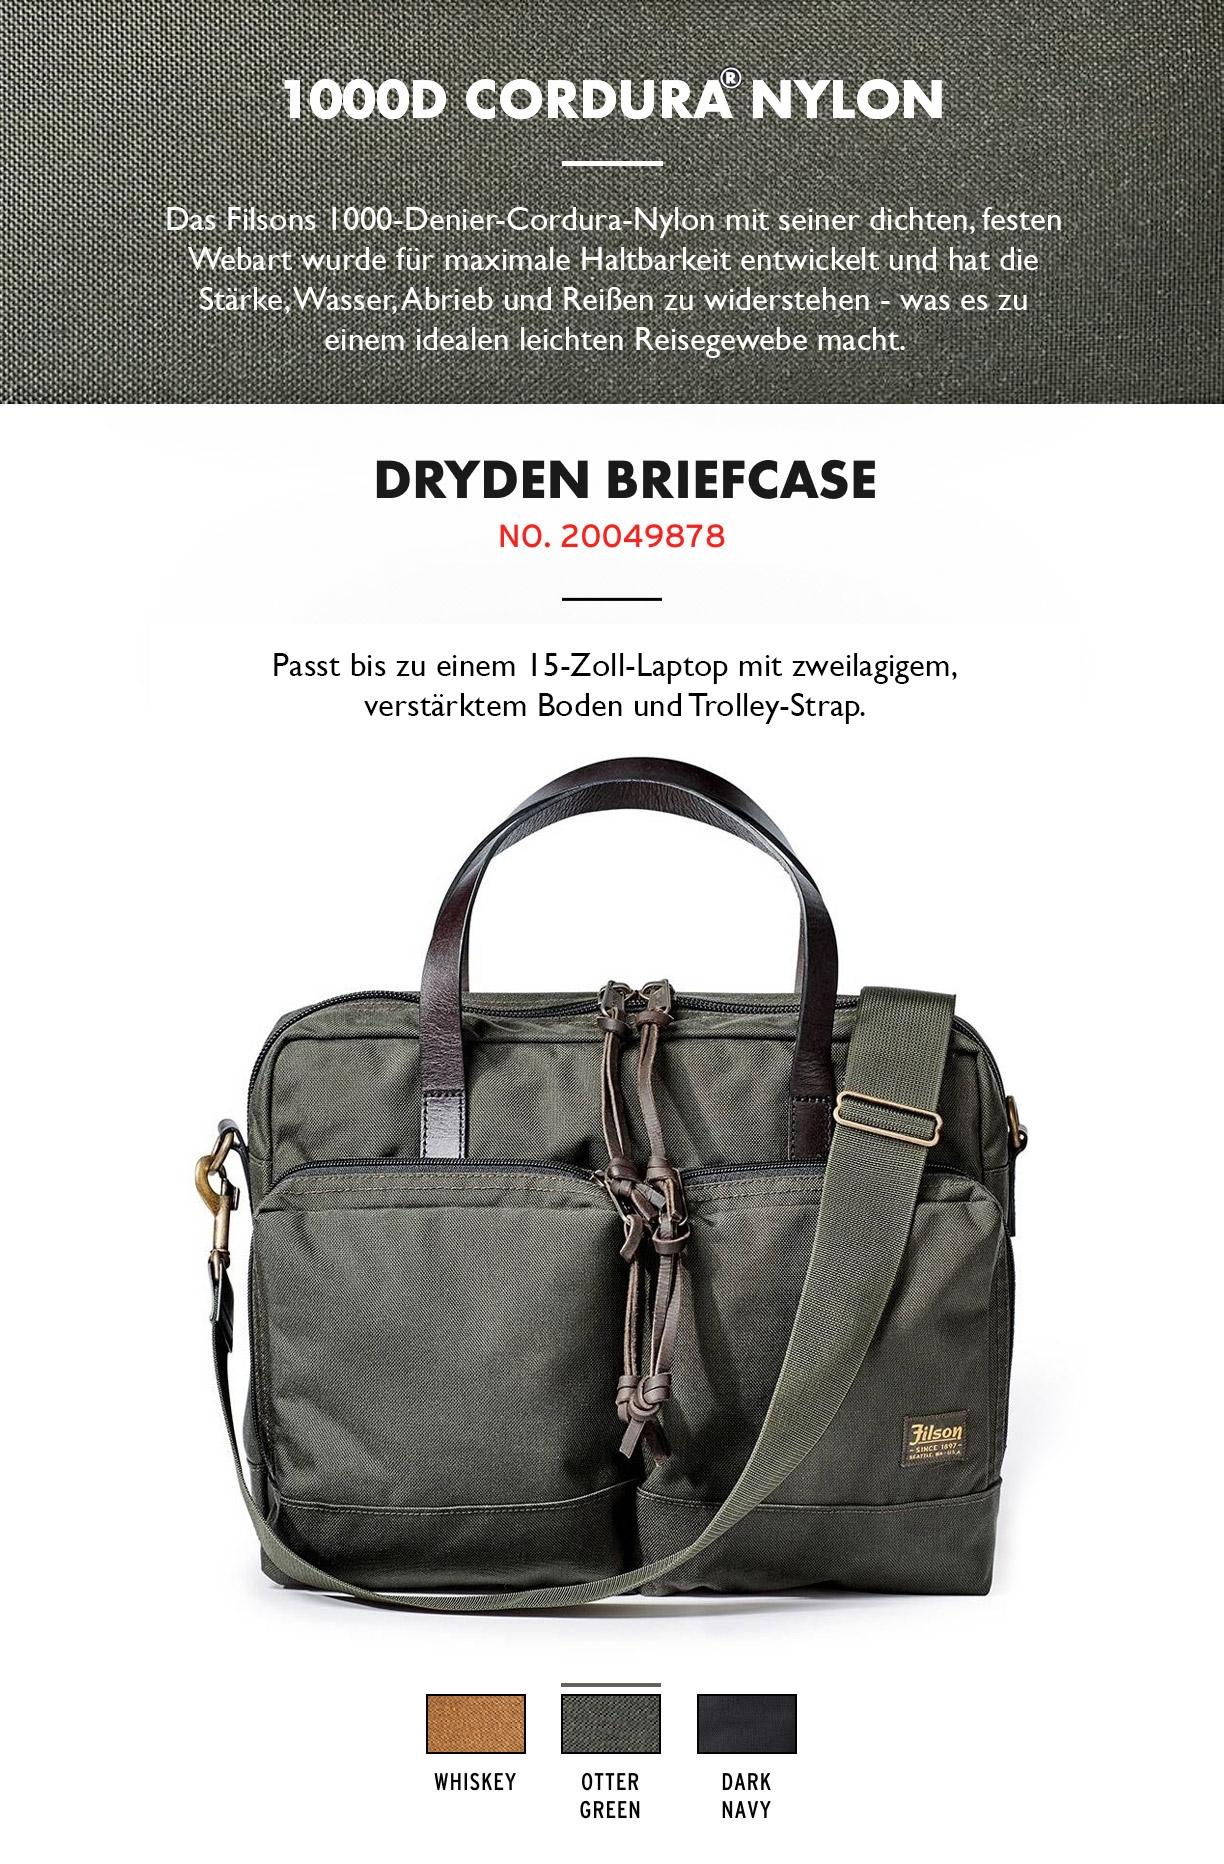 Filson Dryden Briefcase Otter Green Produktinformationen